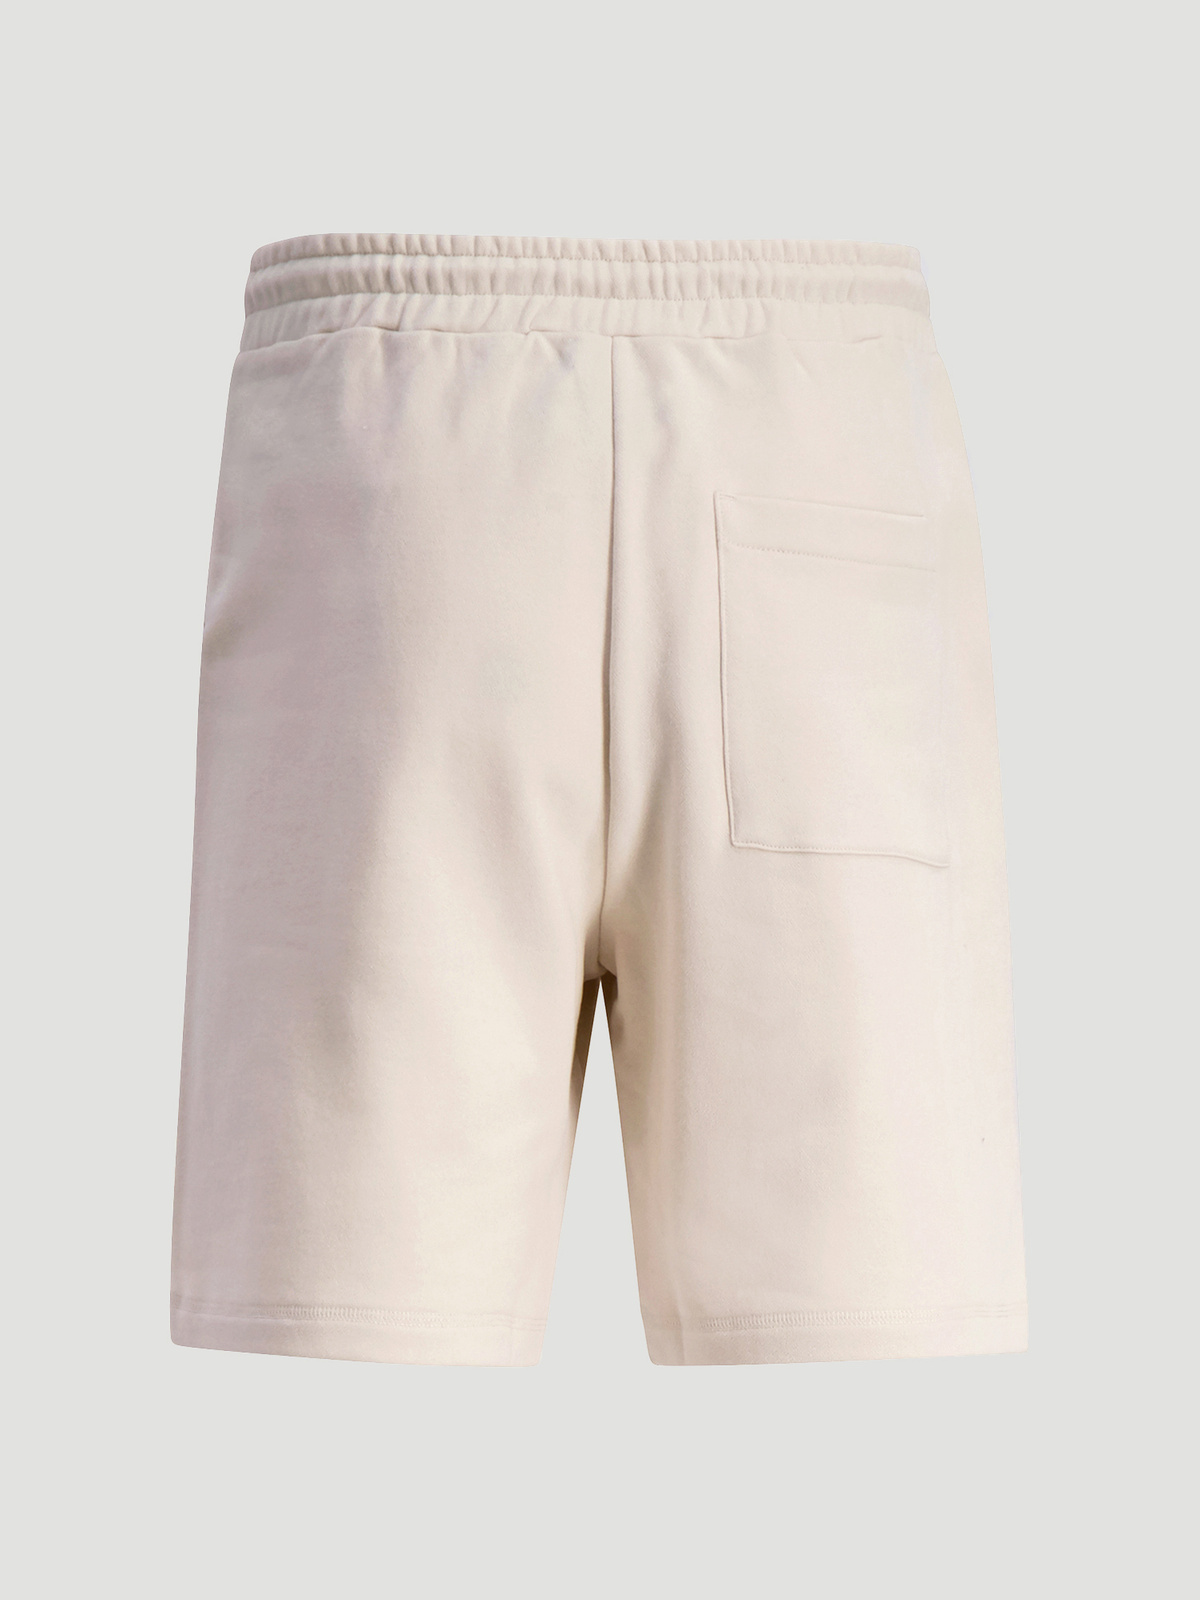 M. Oslo Shorts Ecru 6